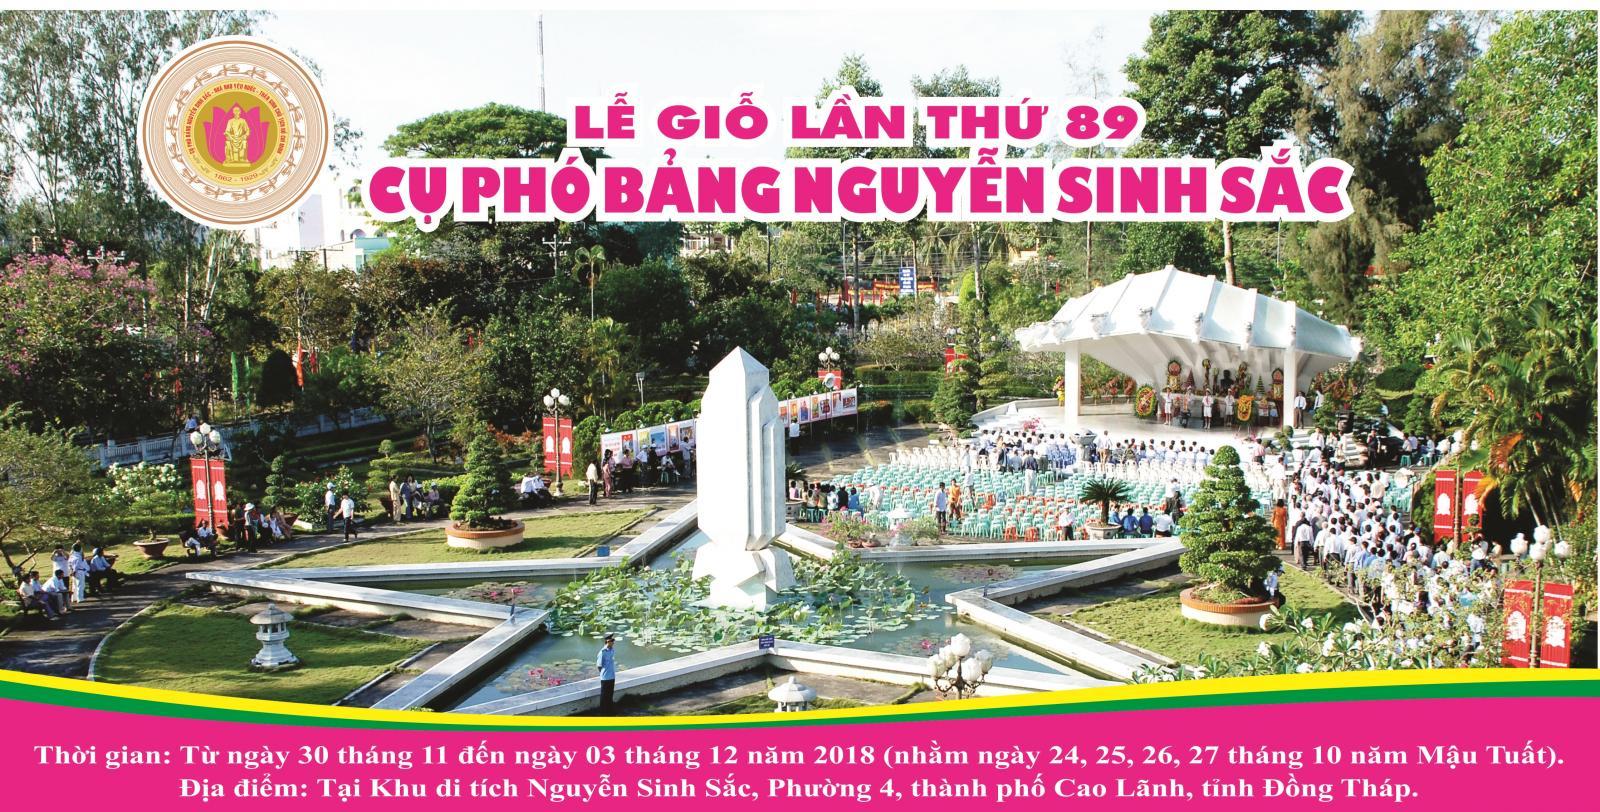 Long trọng tổ chức lễ giỗ lần thứ 89 của Cụ phó bảng Nguyễn Sinh Sắc